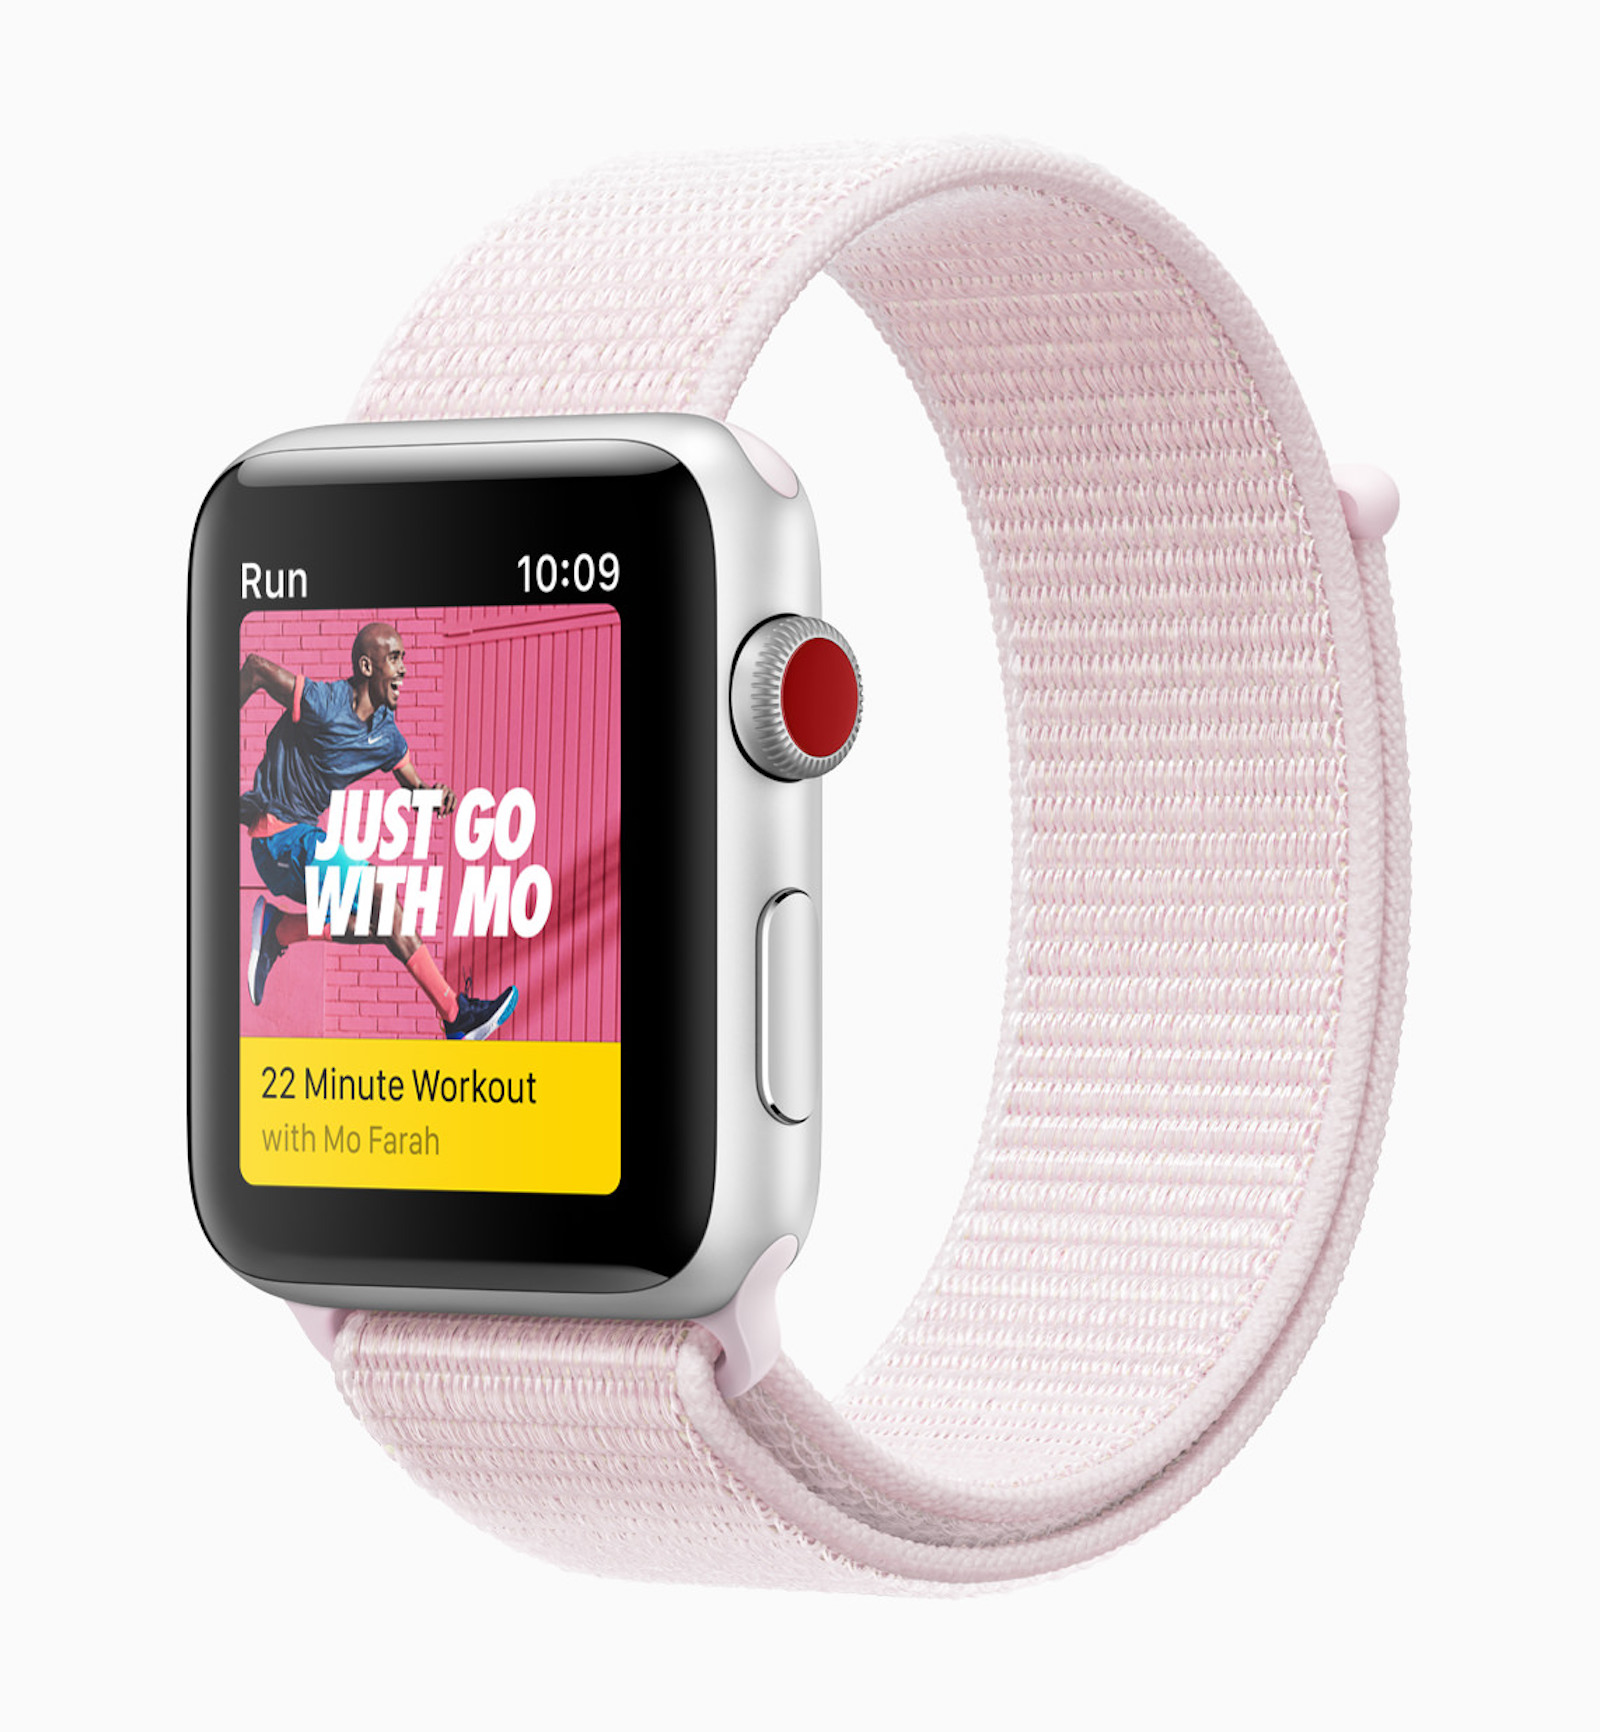 Apple-Watch-Series3_Nike-sports-pink_032118.jpg